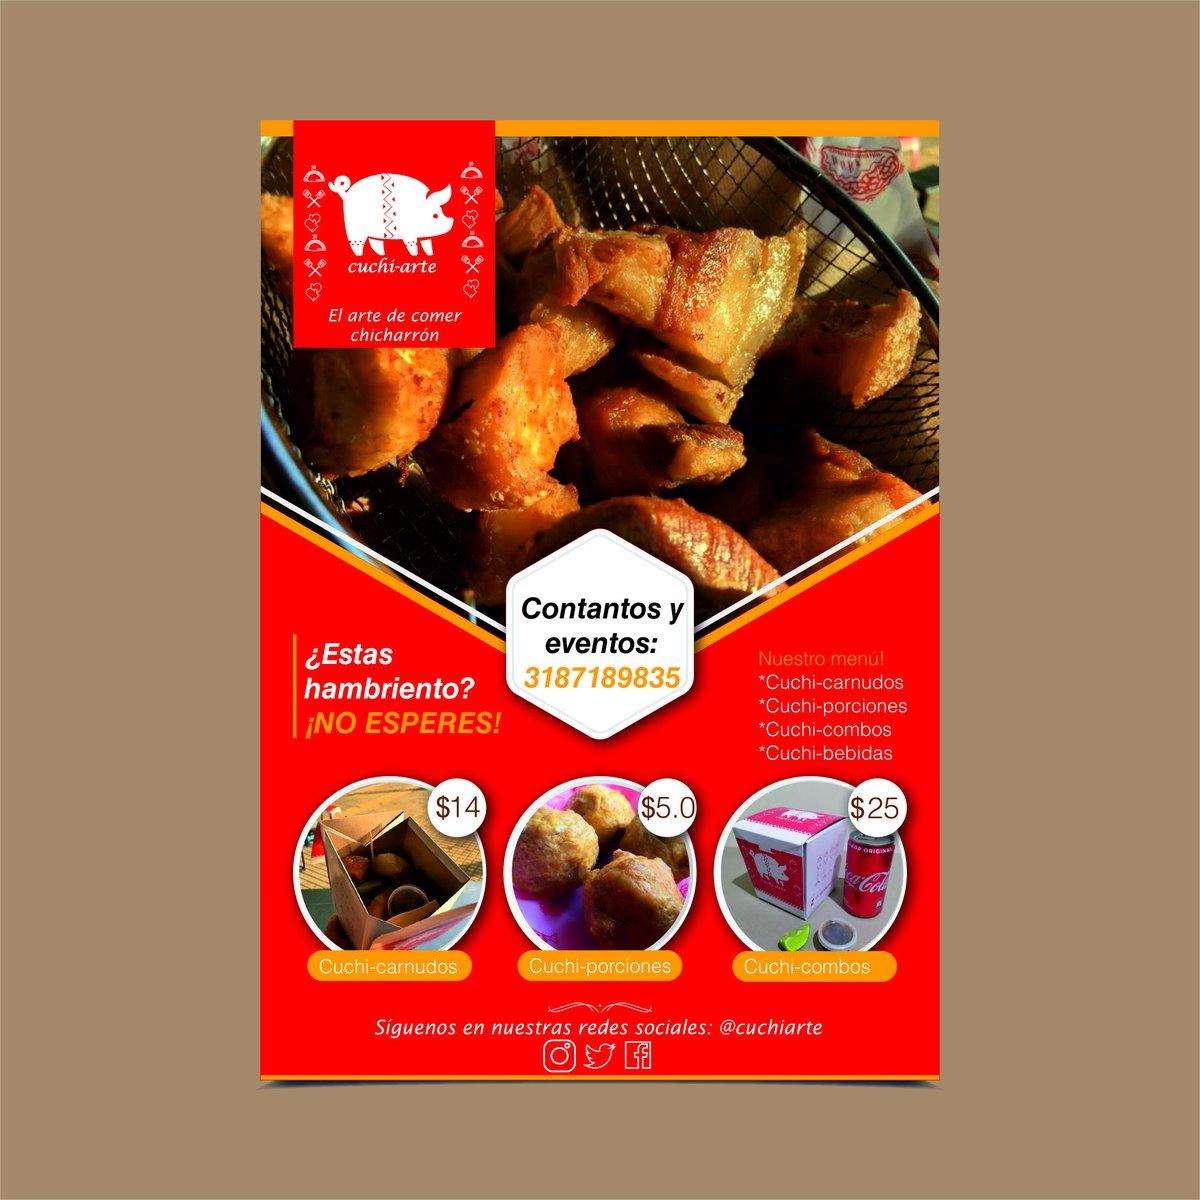 ¿Estas hambriento?, ¿necesitas recargar energía? 🥵😢, no esperes más! 😍😋 Te esperamos en Cuchi-Arte, para que disfrutes el verdadero arte de comer chicharrón! 😋🥓🐷#cuchiarte #cali #foodie #instafood #foodporn #instagood #igerscolombia #chicharron #torreznos #foodtruck